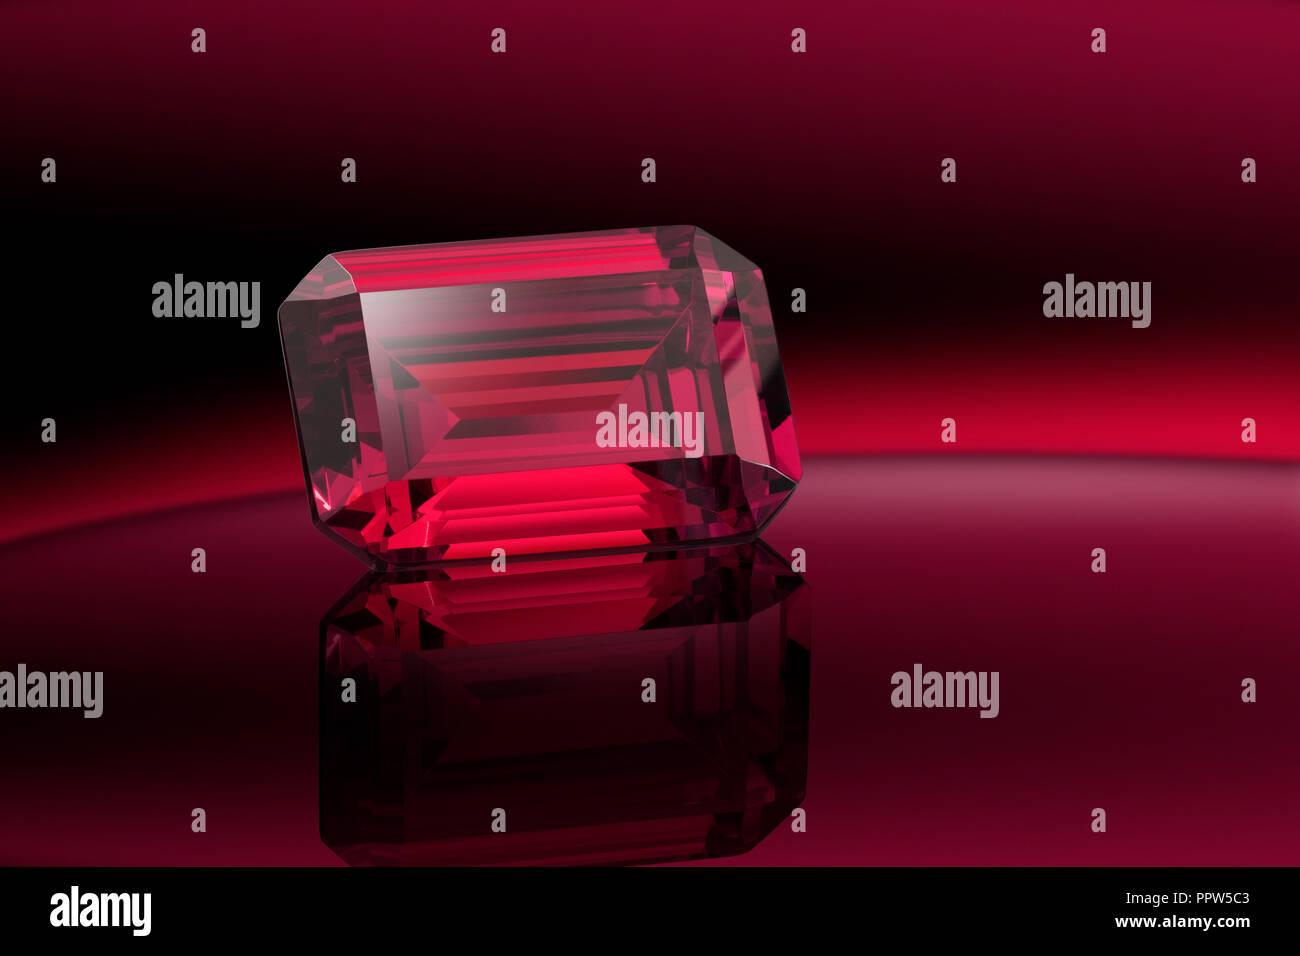 Emerald Cut Ruby Gemstone Gem - Stock Image